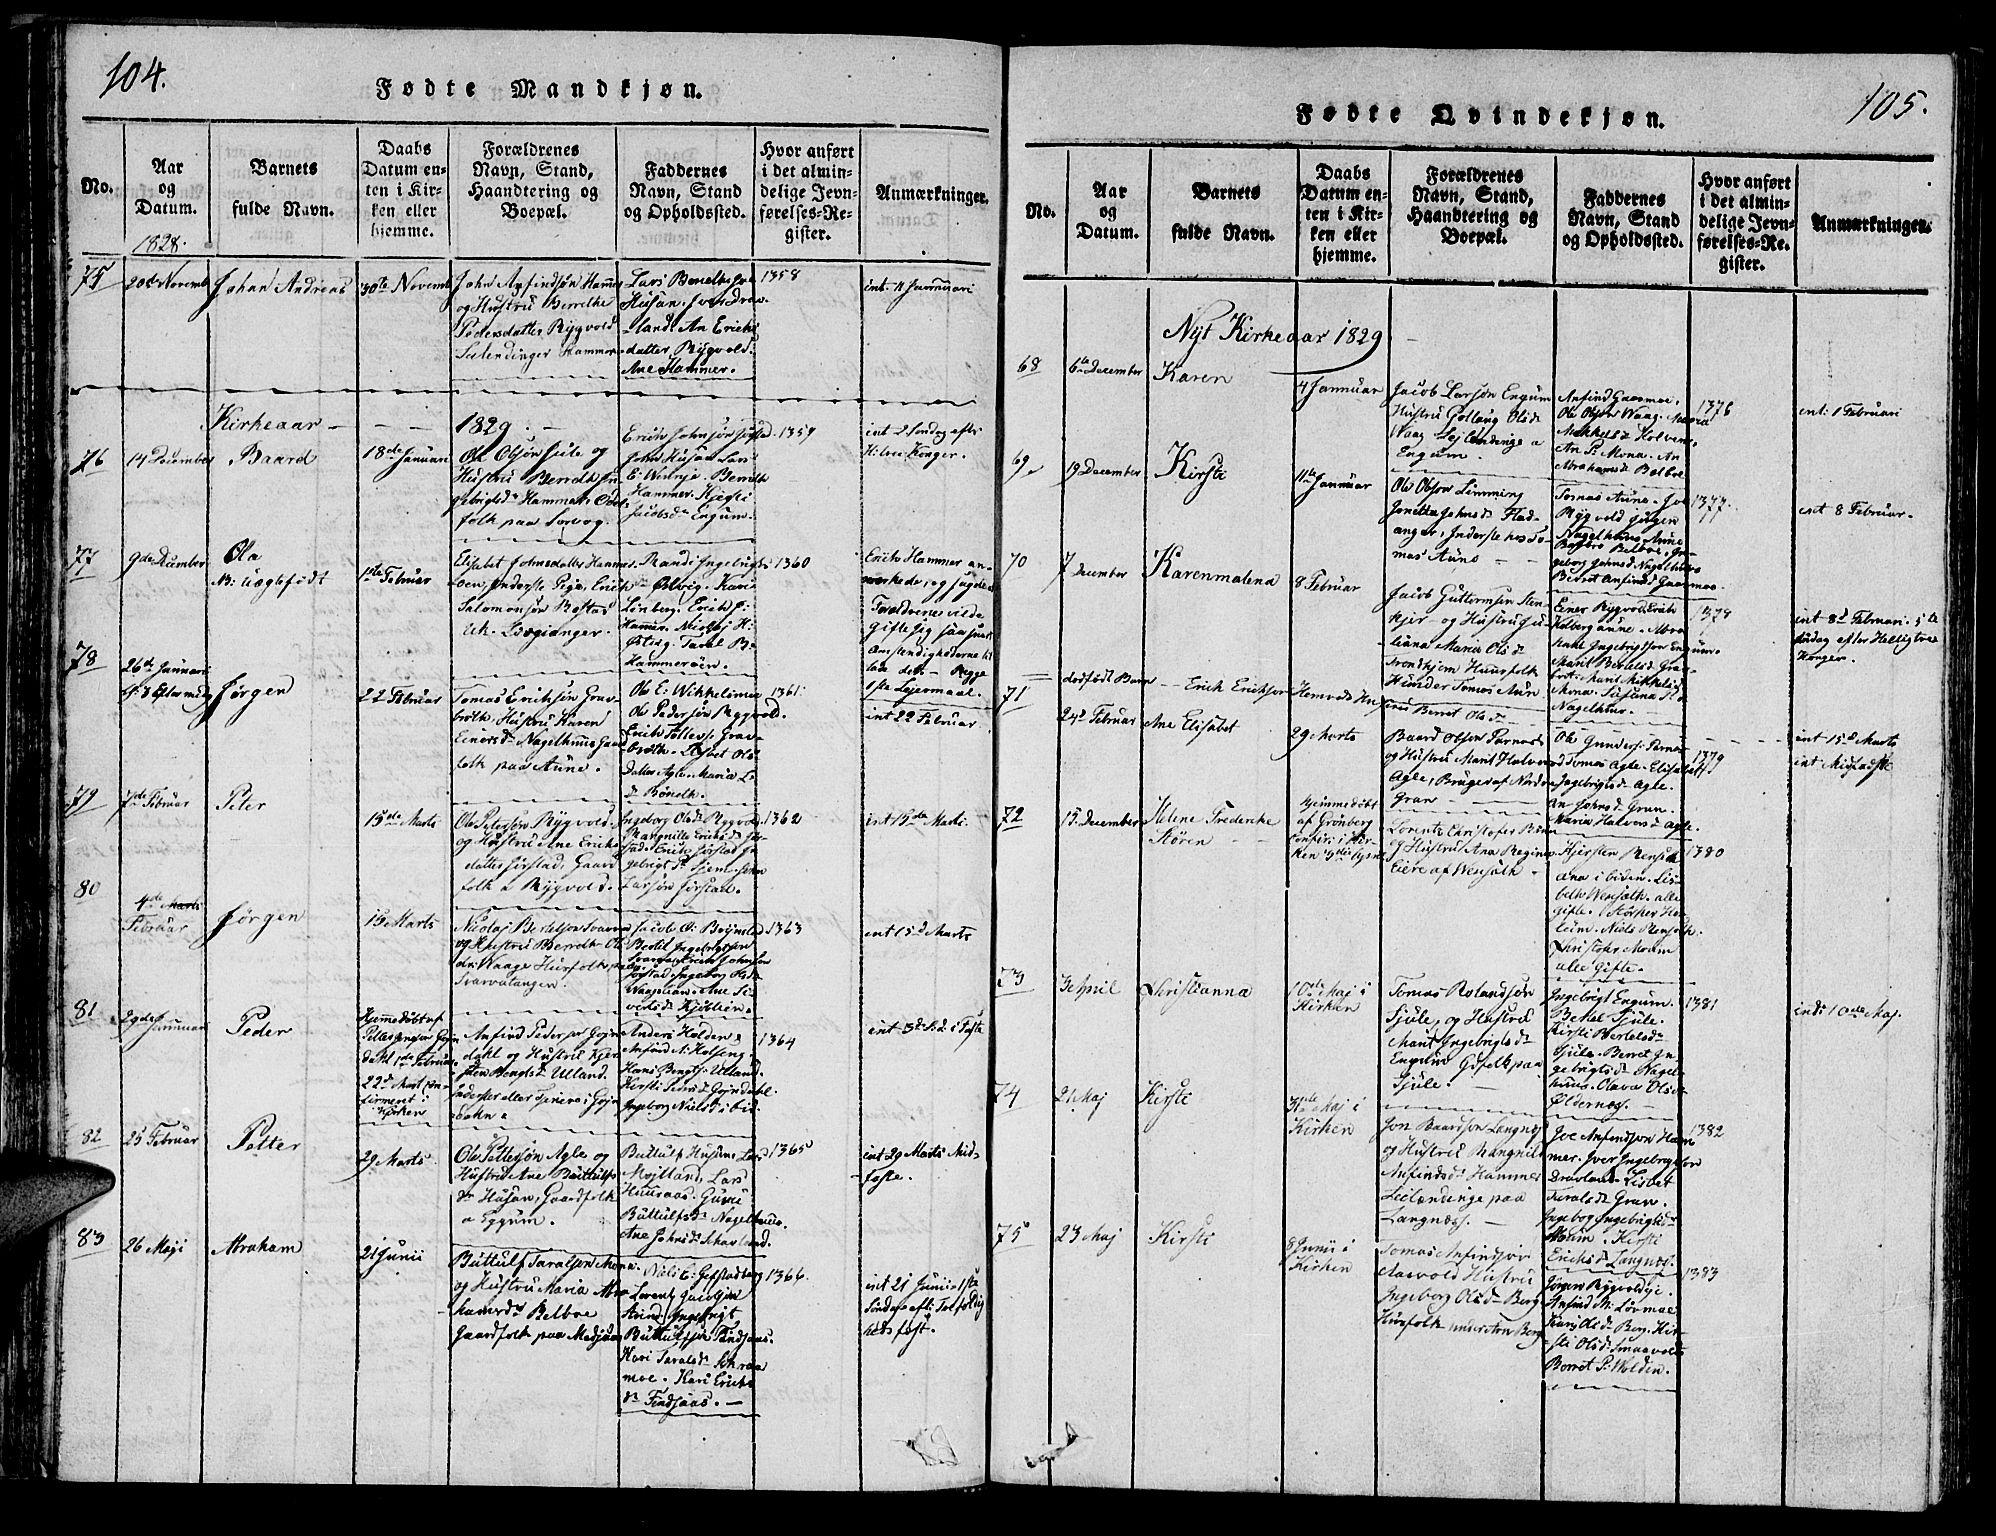 SAT, Ministerialprotokoller, klokkerbøker og fødselsregistre - Nord-Trøndelag, 749/L0479: Klokkerbok nr. 749C01, 1817-1829, s. 104-105